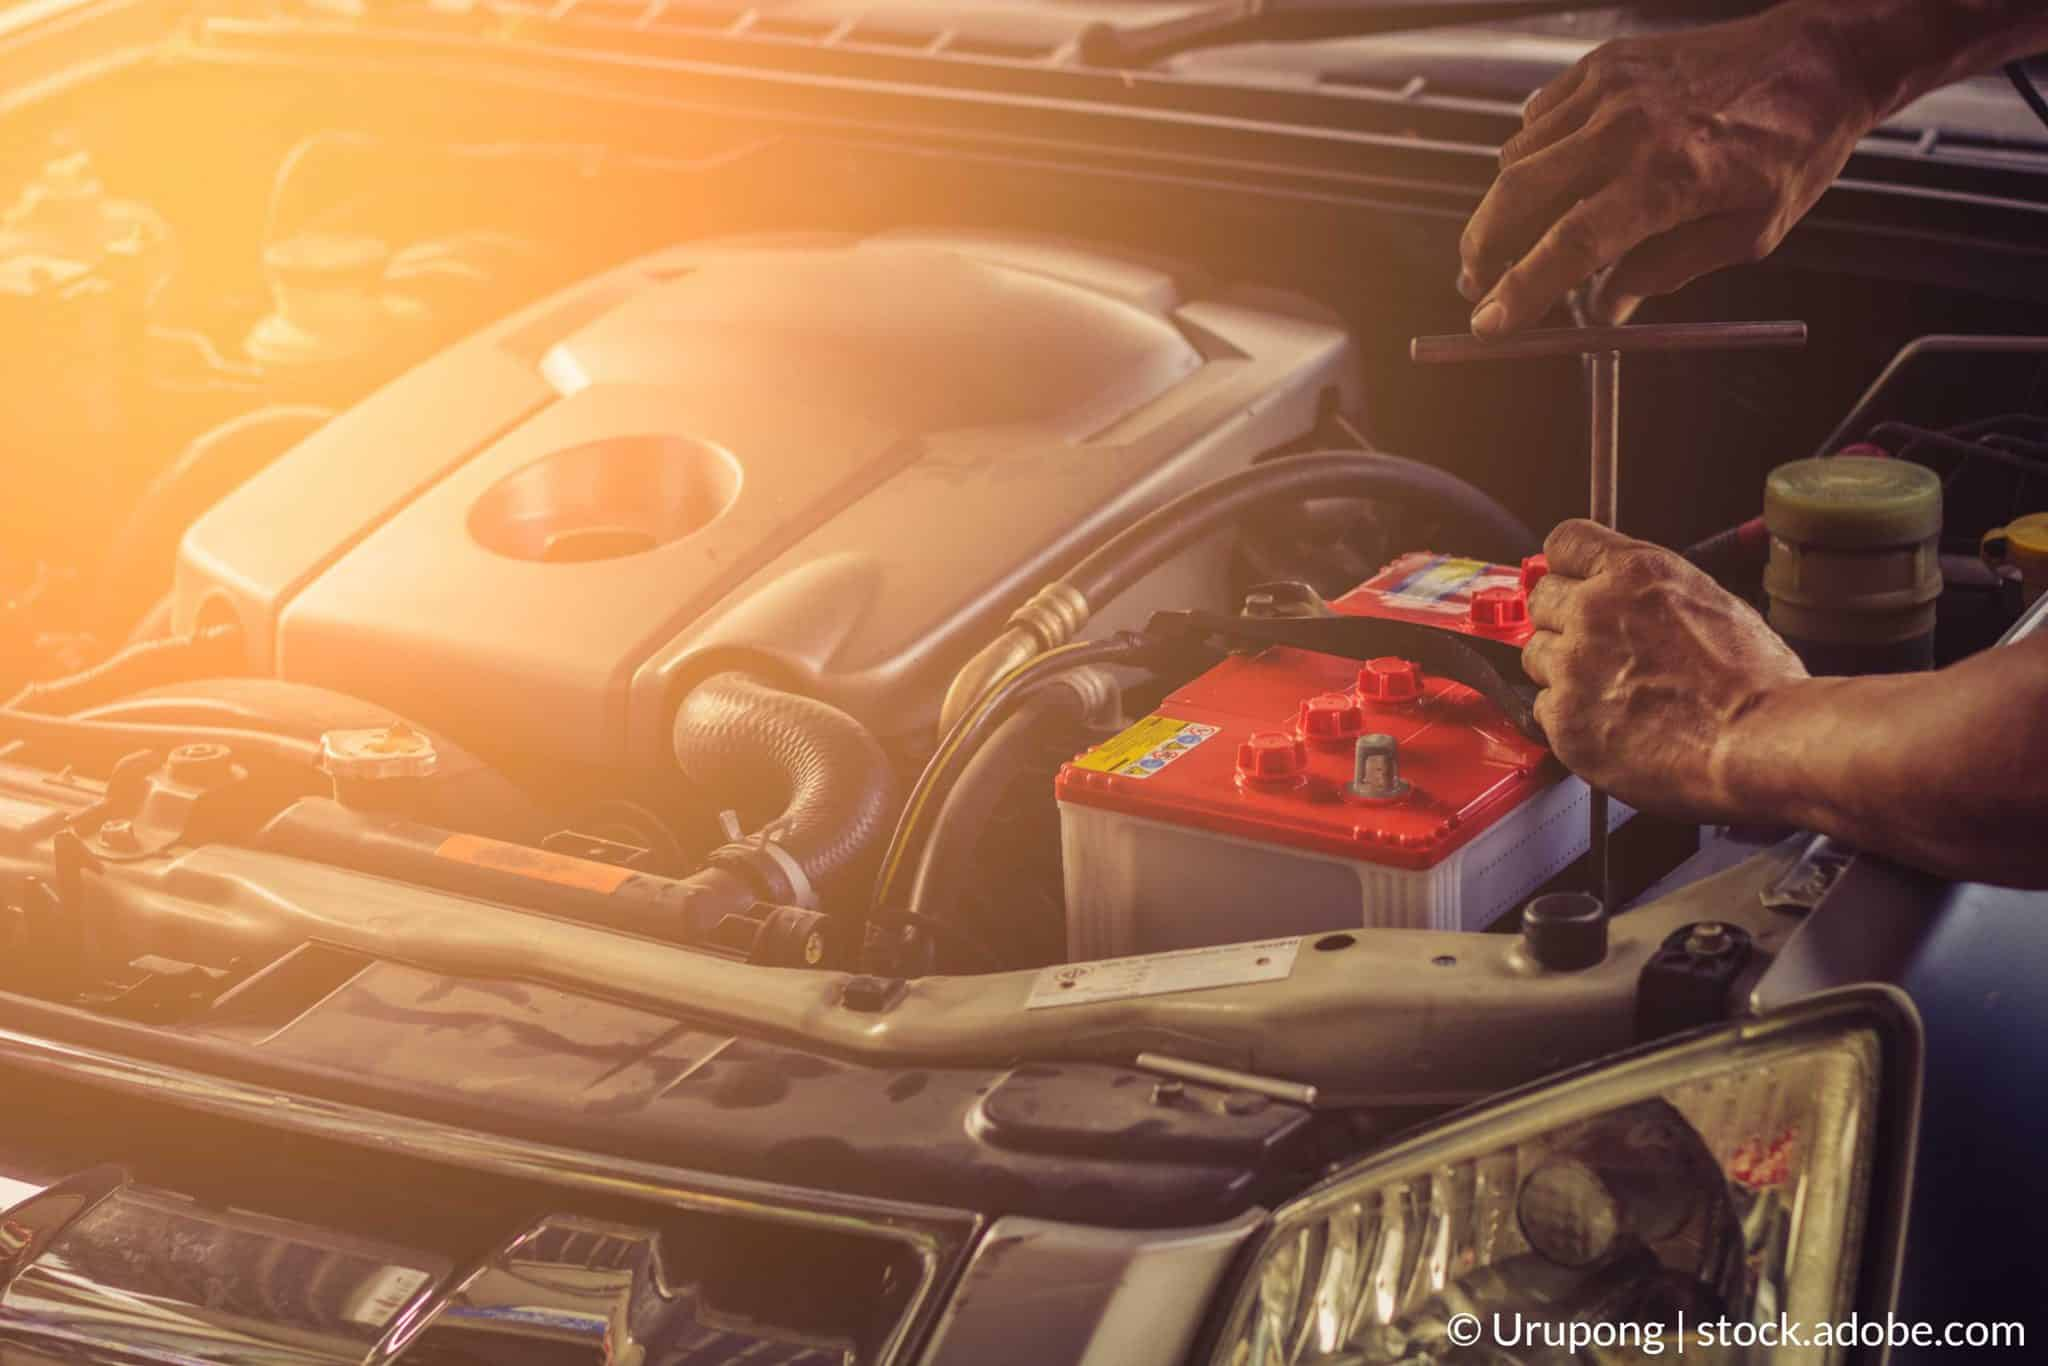 איך להחליף מצבר במכונית